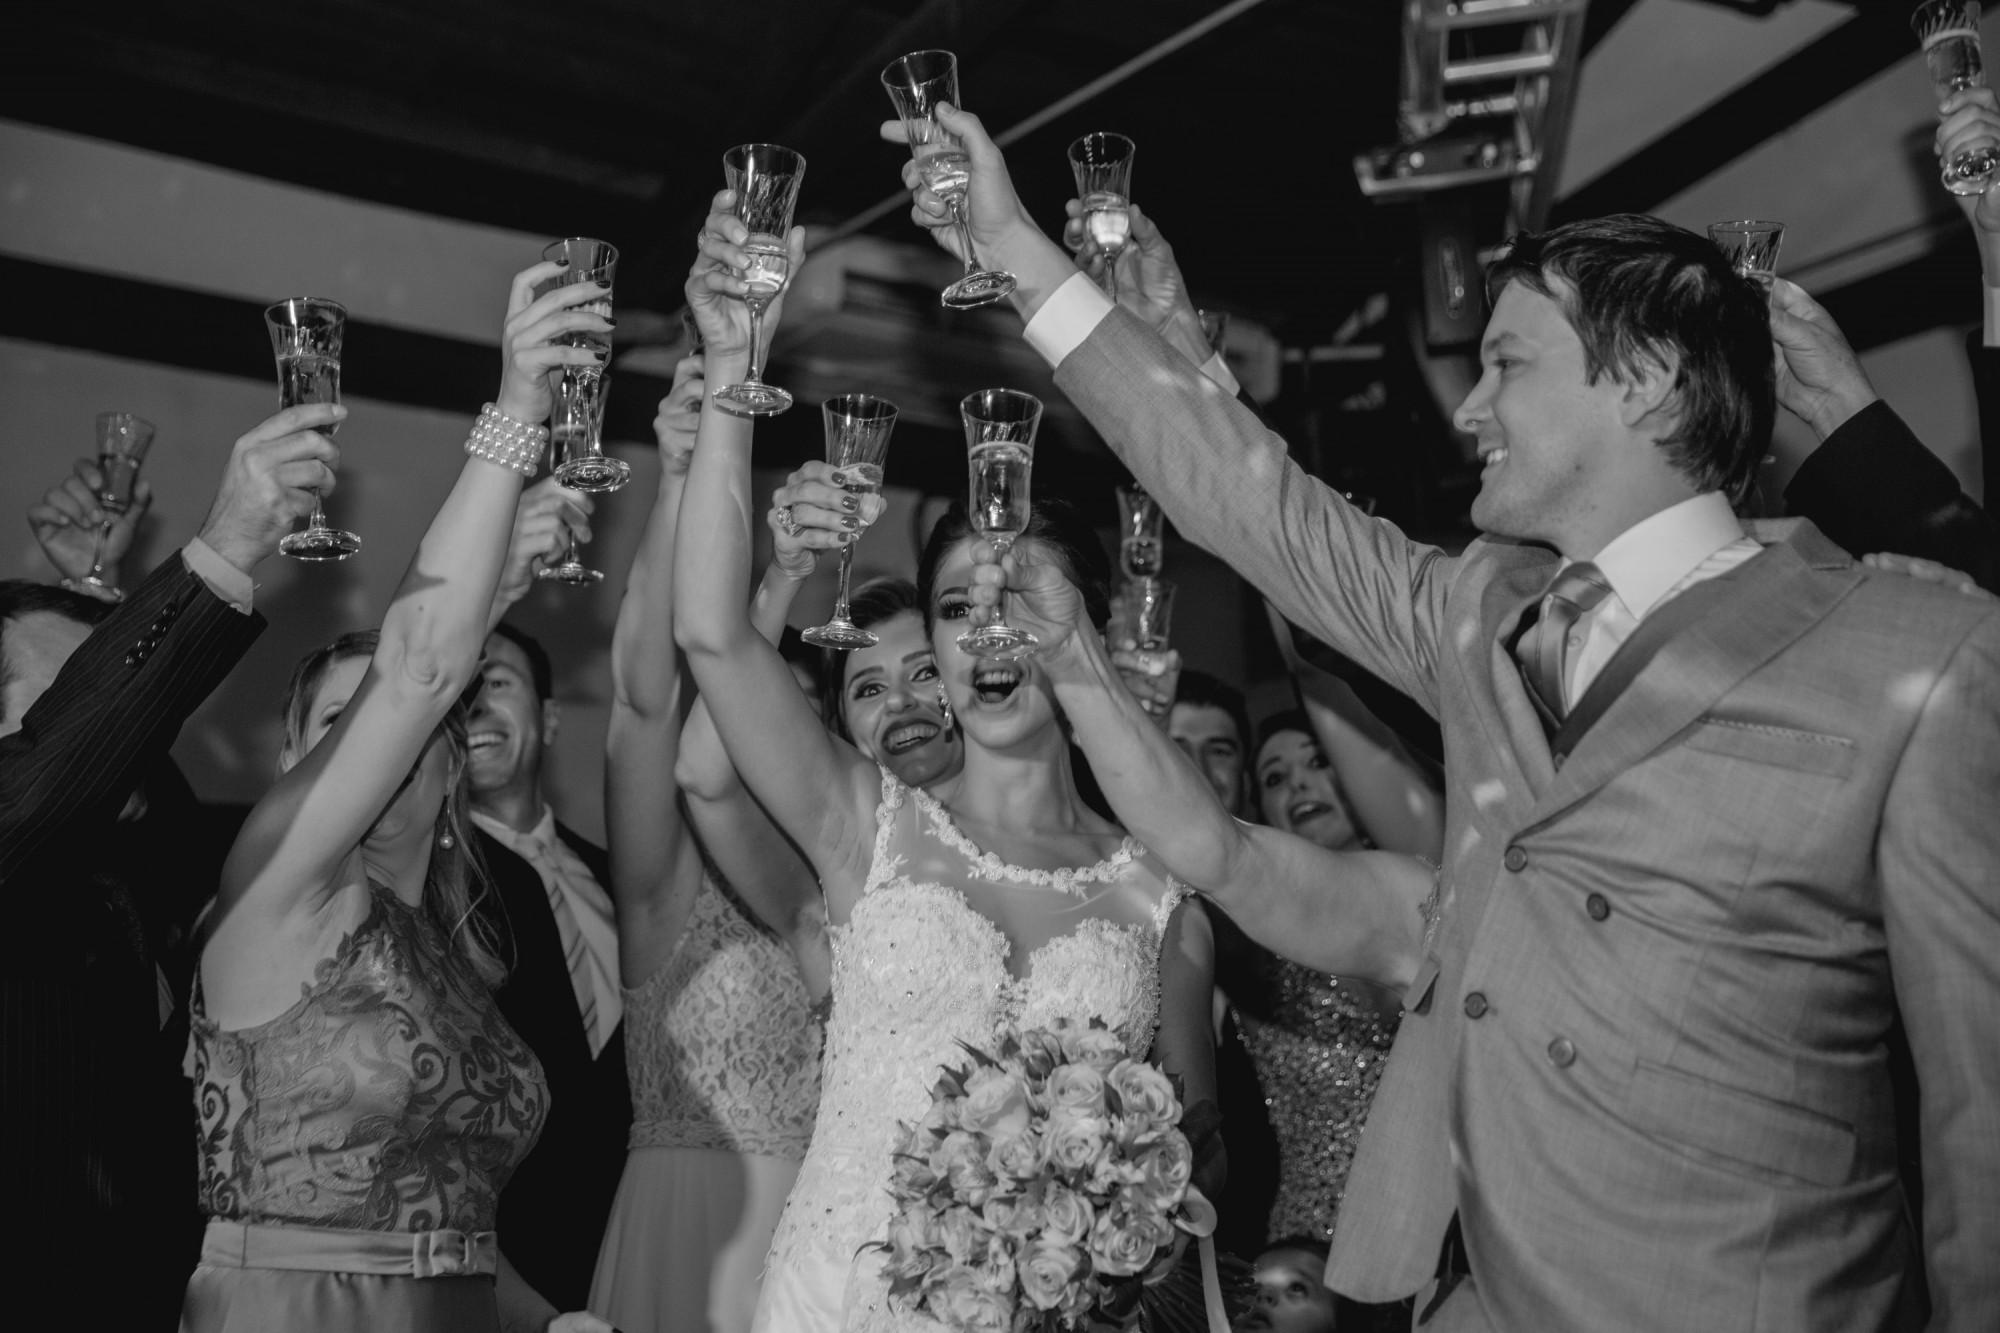 Maiara Kuki e Ricardo - Casamento em Palotina - PR por Lorran Souza e Léia Sotile - fotografo de casamentos00020